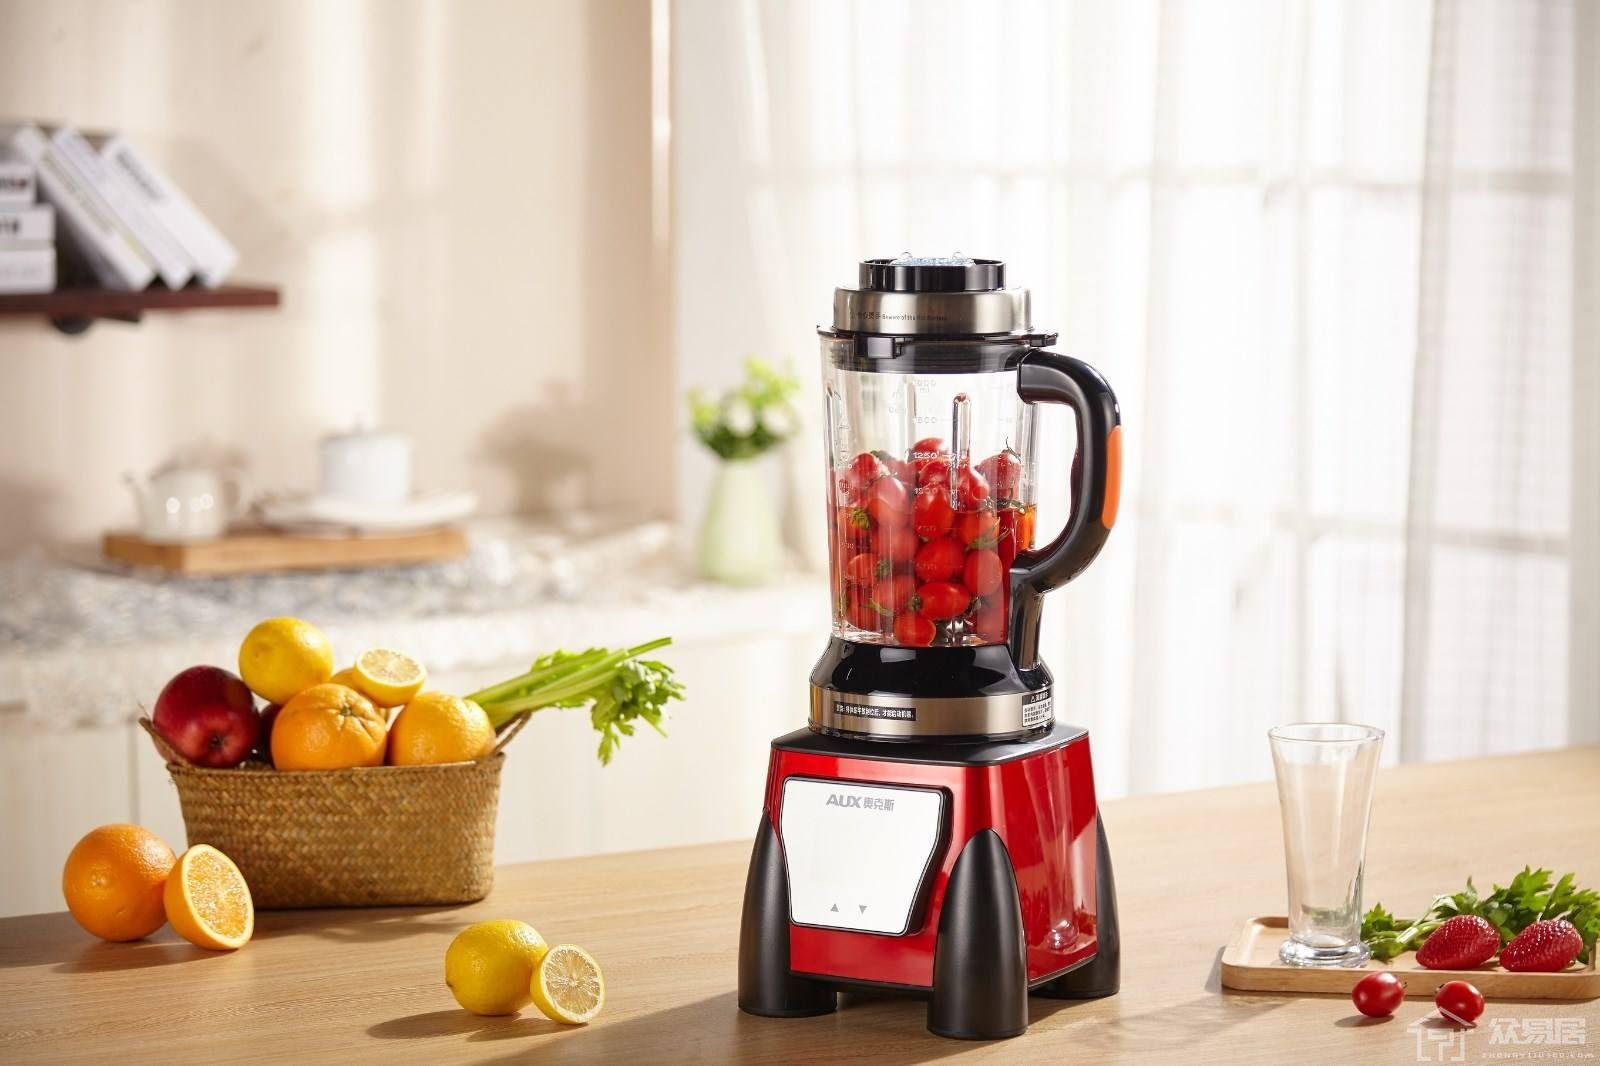 榨汁机和搅拌机的基本概念和区别 榨汁机和搅拌机的选购要点